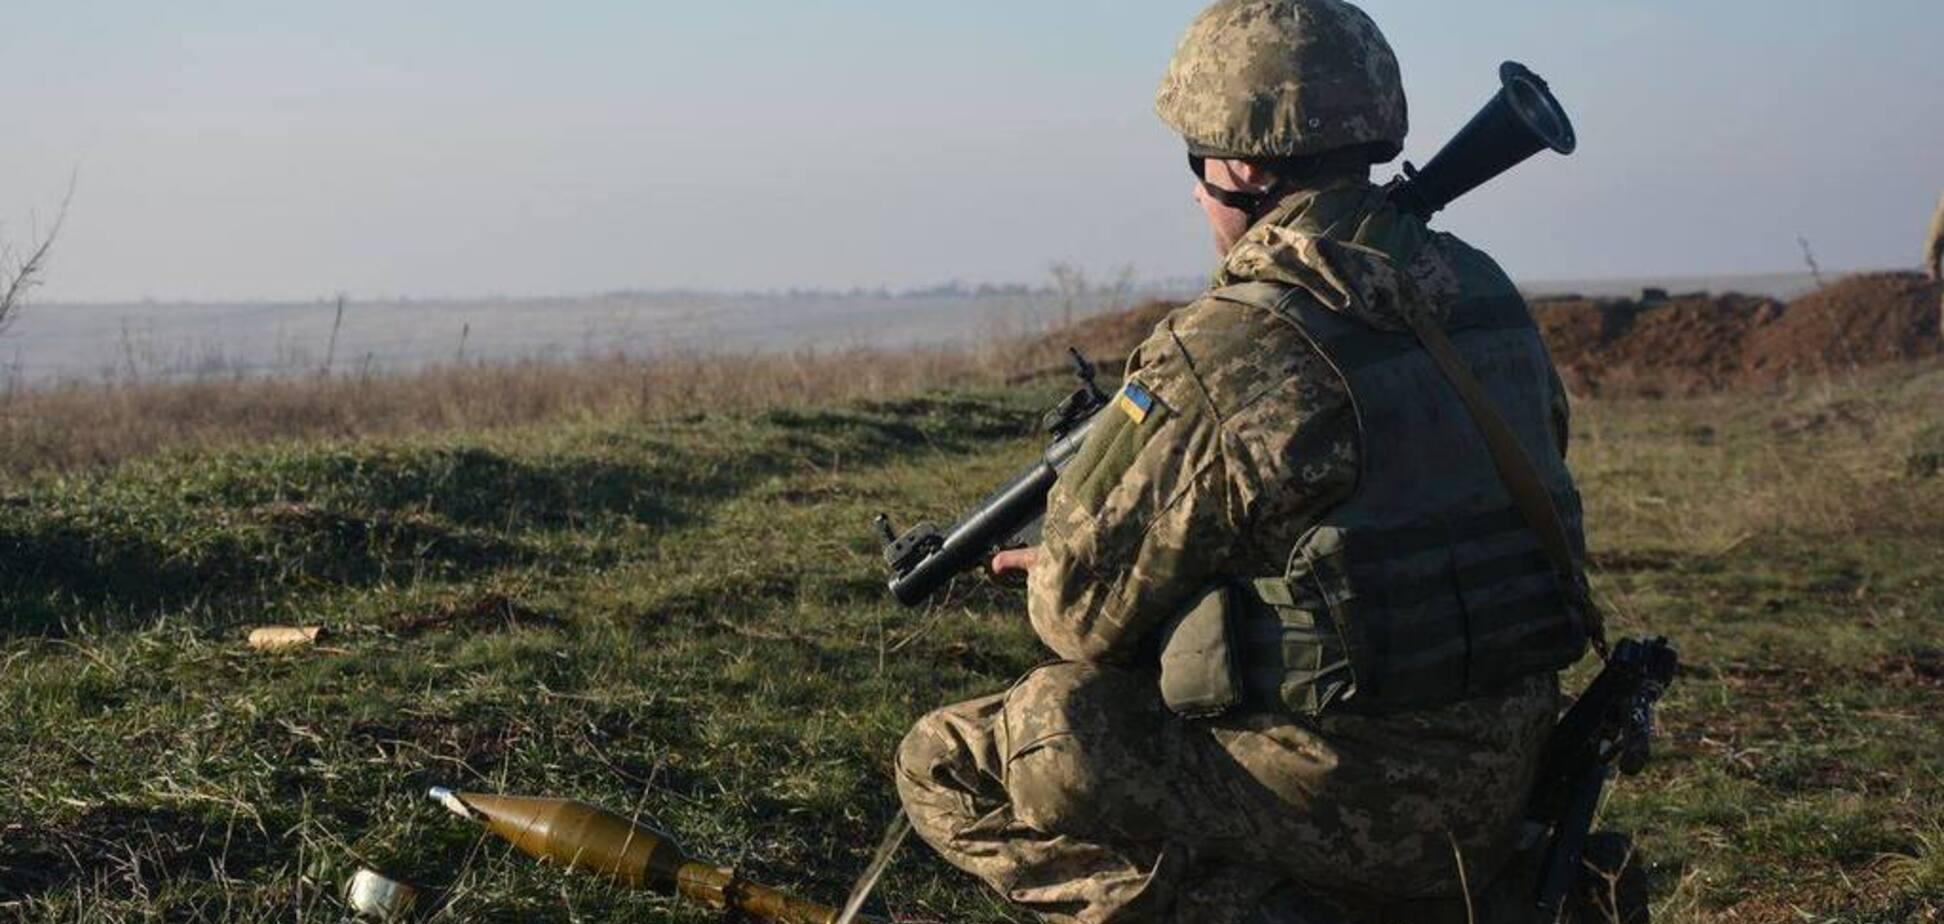 'ДНР' передали Украине изувеченное тело бойца ВСУ